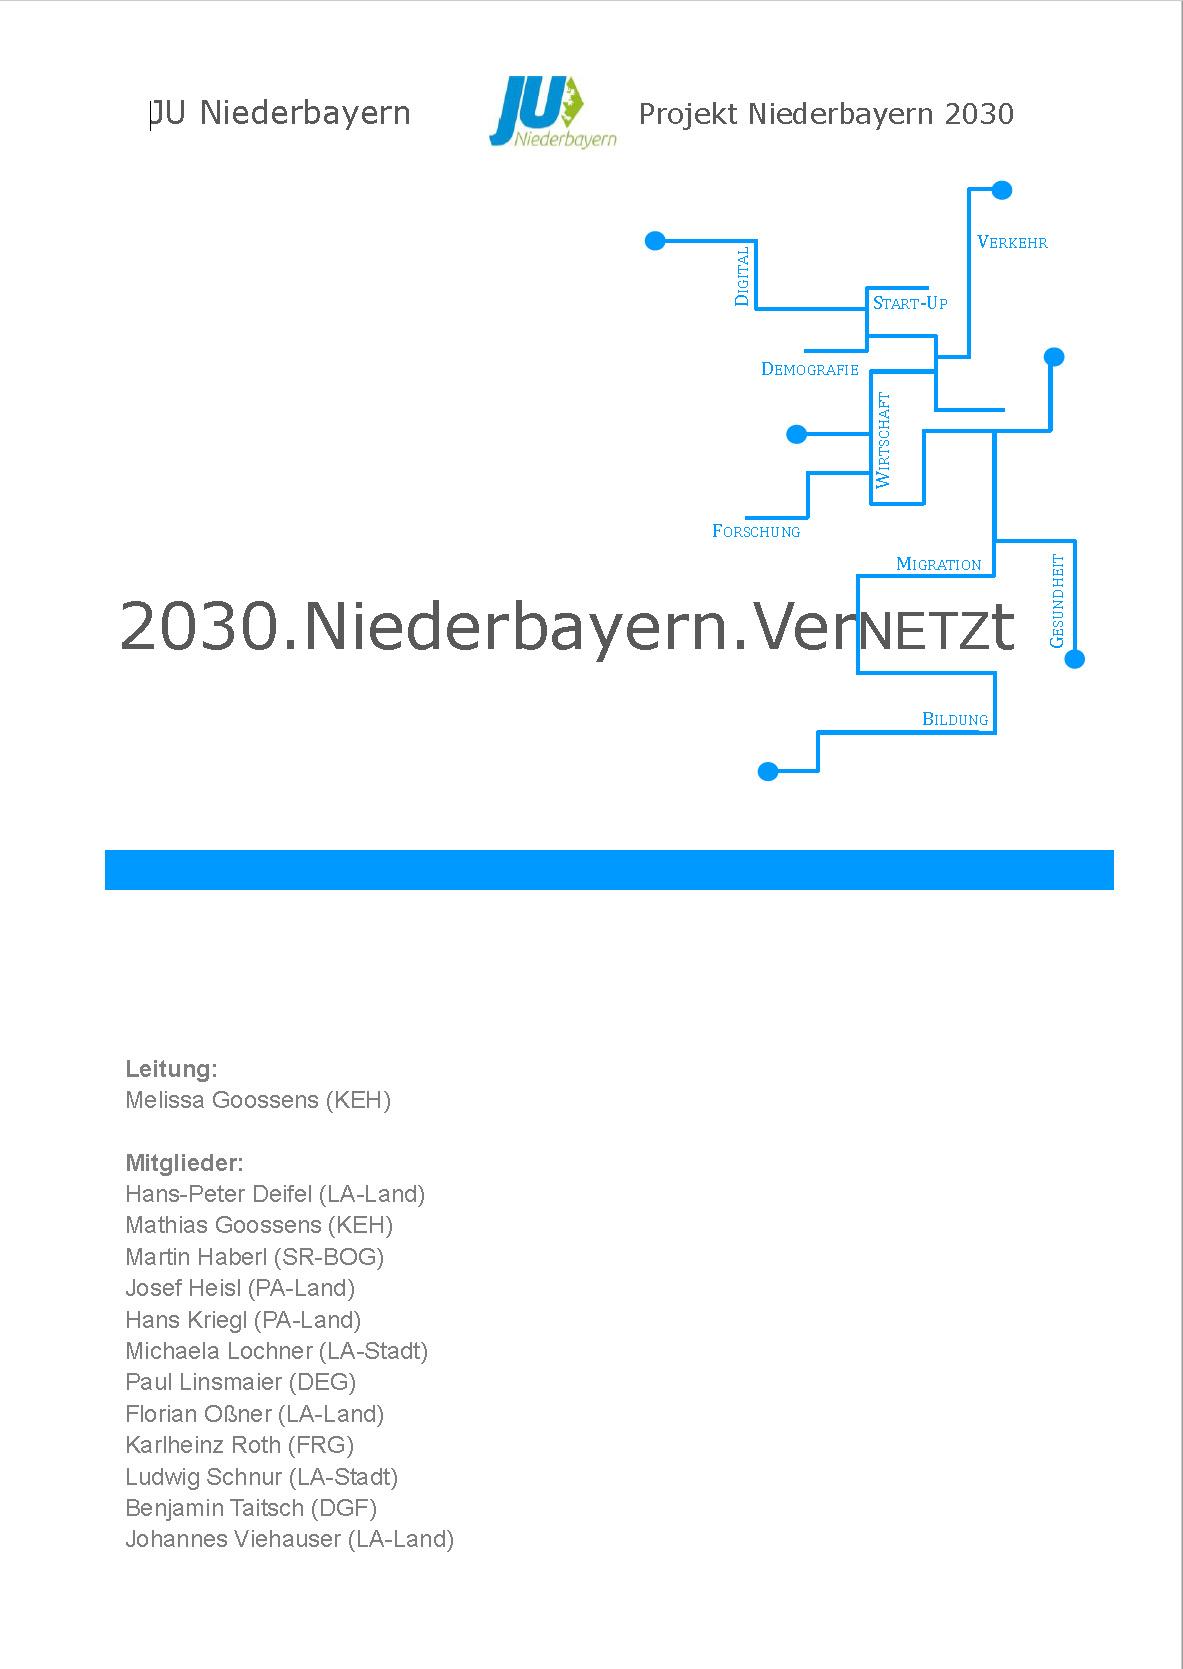 niederbayern-2030--titelseite.jpg